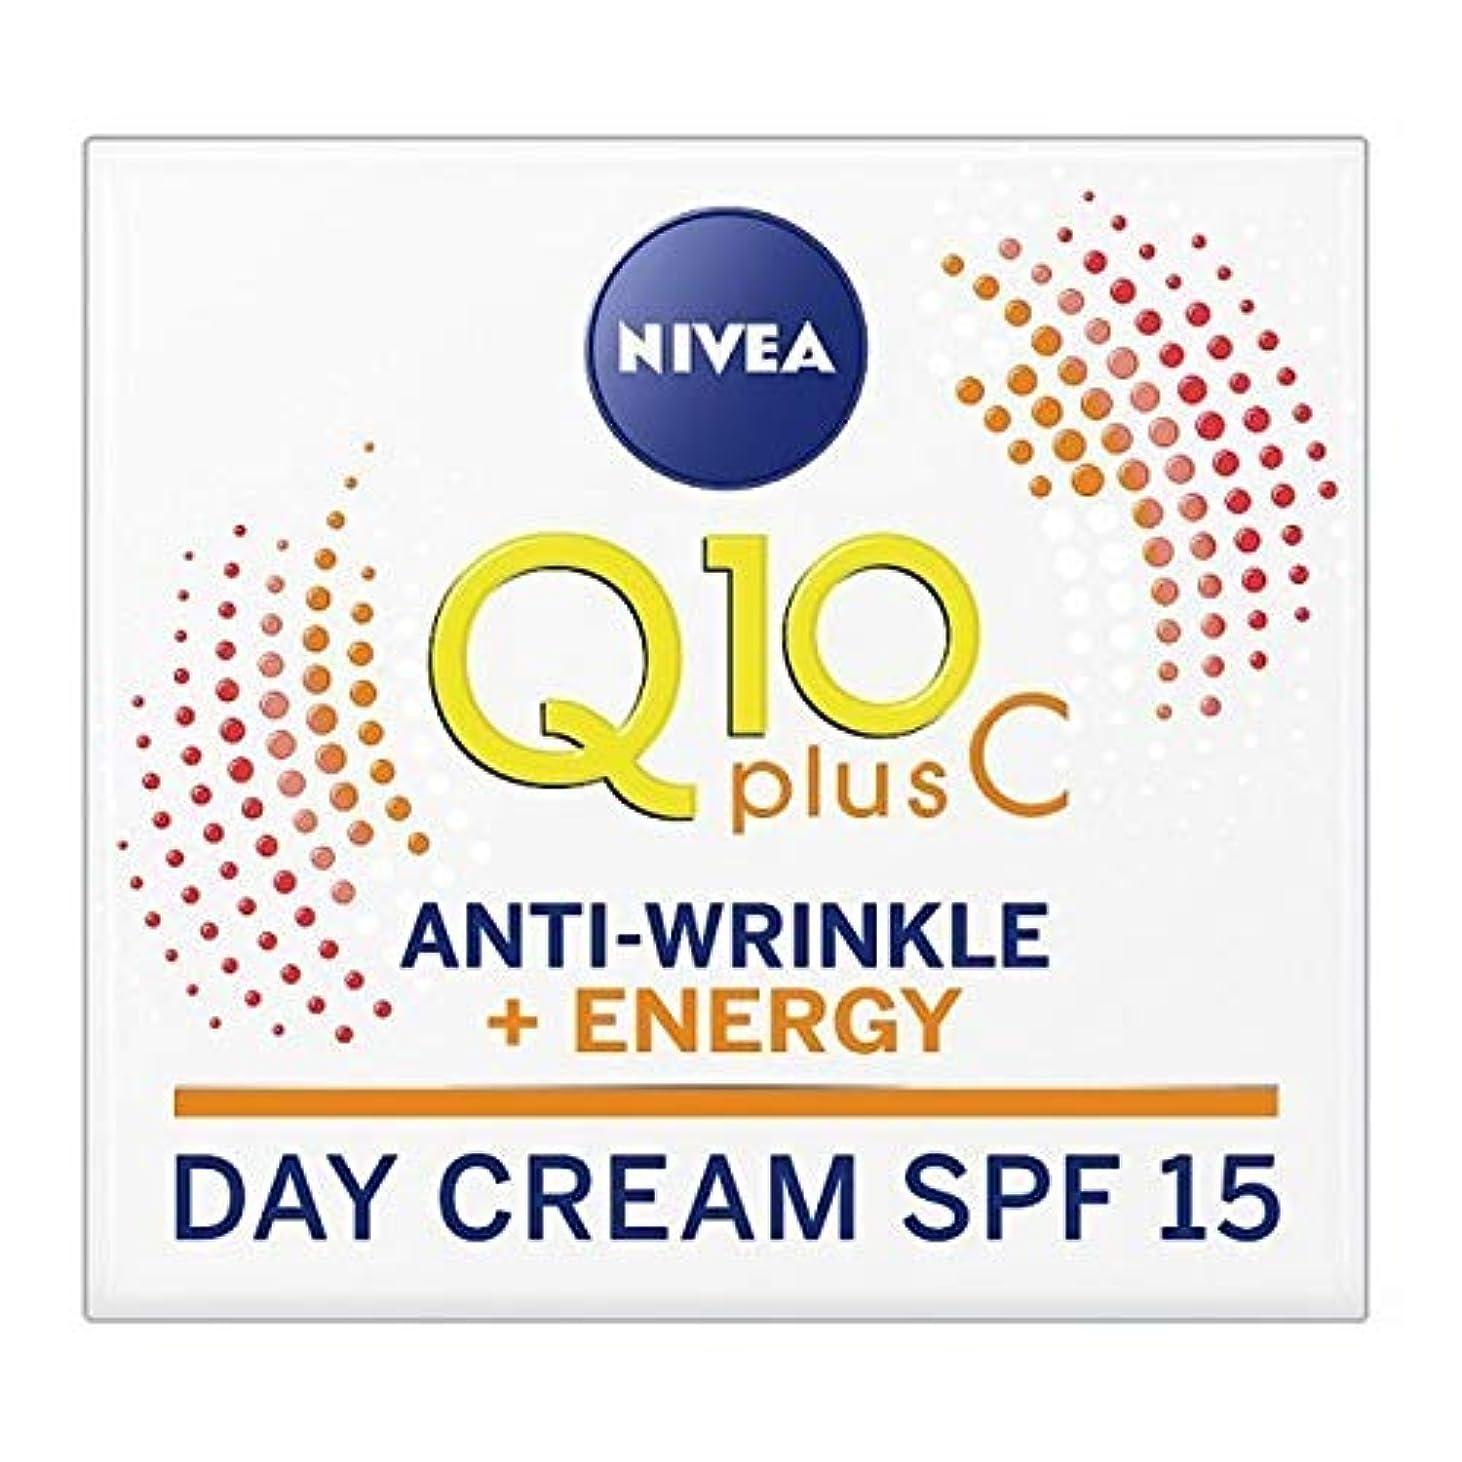 精査する手順機械的に[Nivea ] ニベアのQ10、ビタミンC抗シワエネルギーフェイスクリームSpf 15 - NIVEA Q10 Vitamin C Anti-Wrinkle Energy Face Cream SPF 15 [並行輸入品]